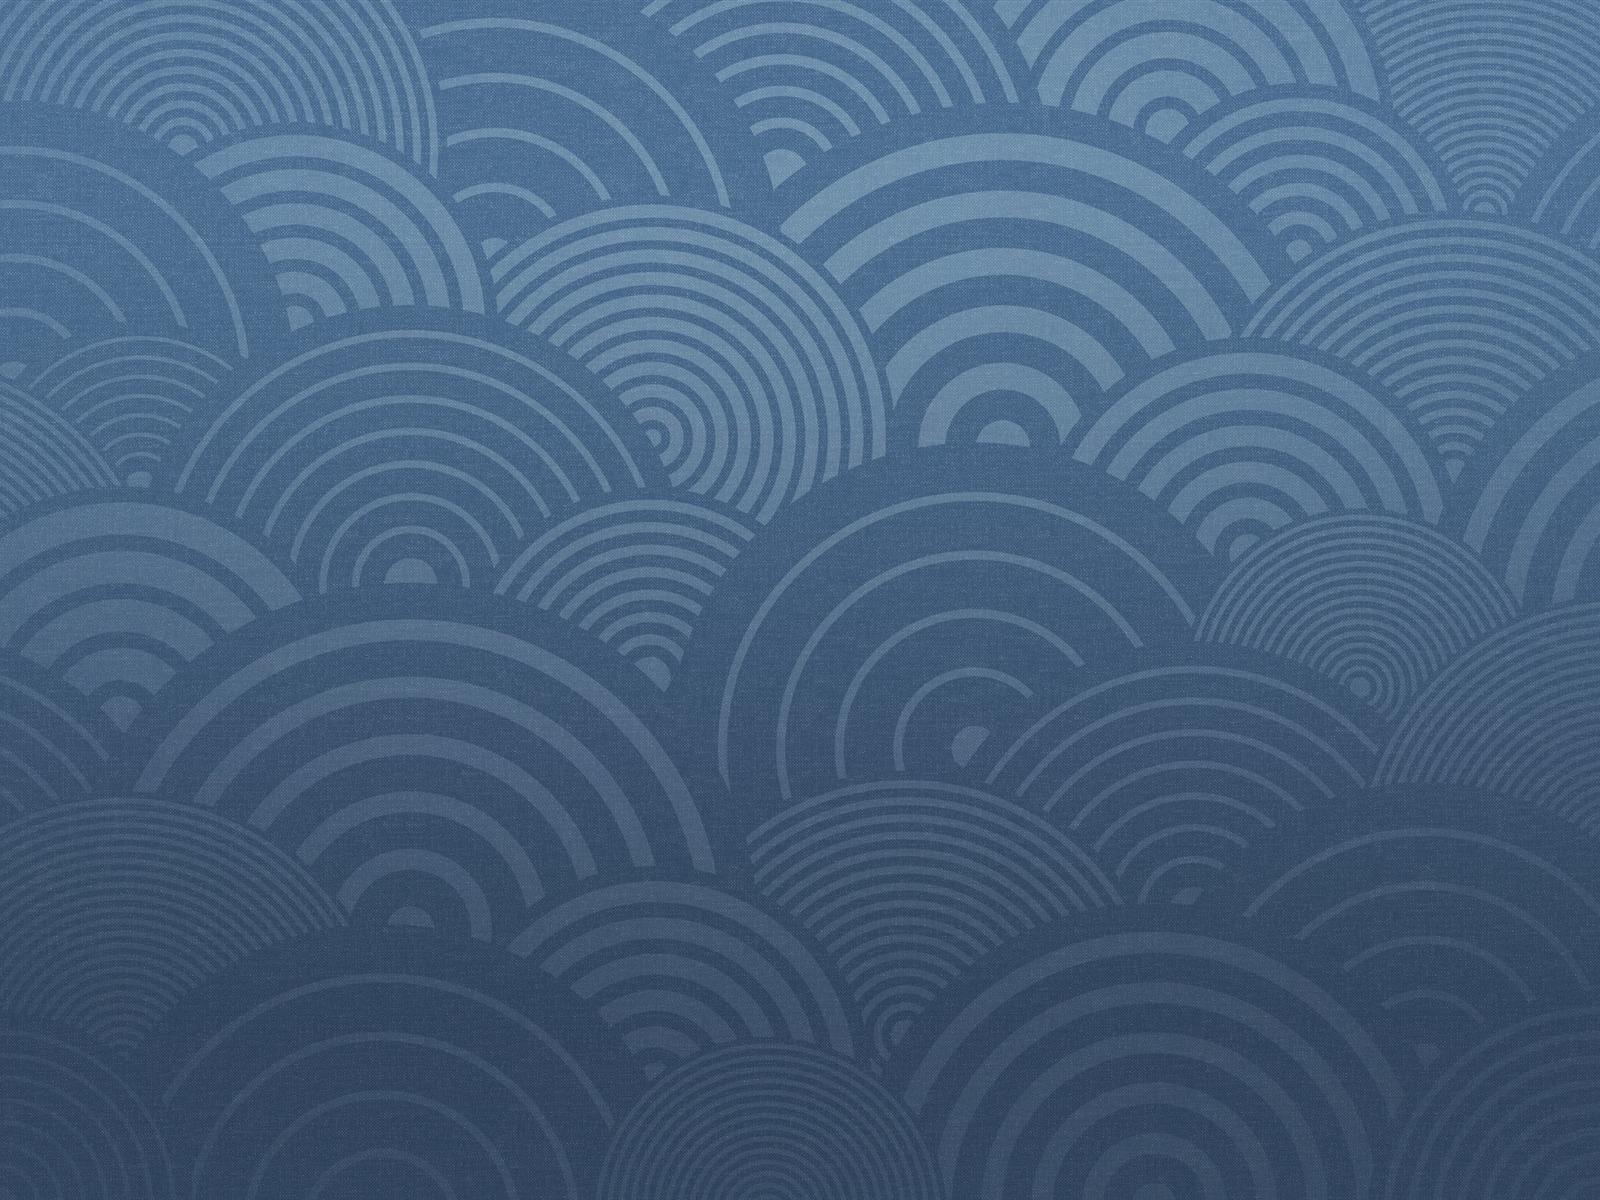 Circles 和风装饰背景-Mac OS 壁纸预览 | 10wallpaper.com